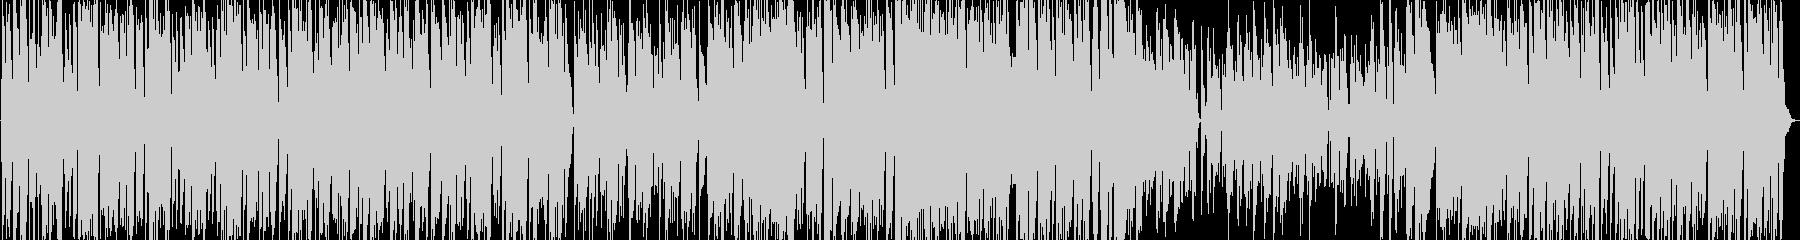 ボサノバ風ピアノトリオ(スタンダード)の未再生の波形